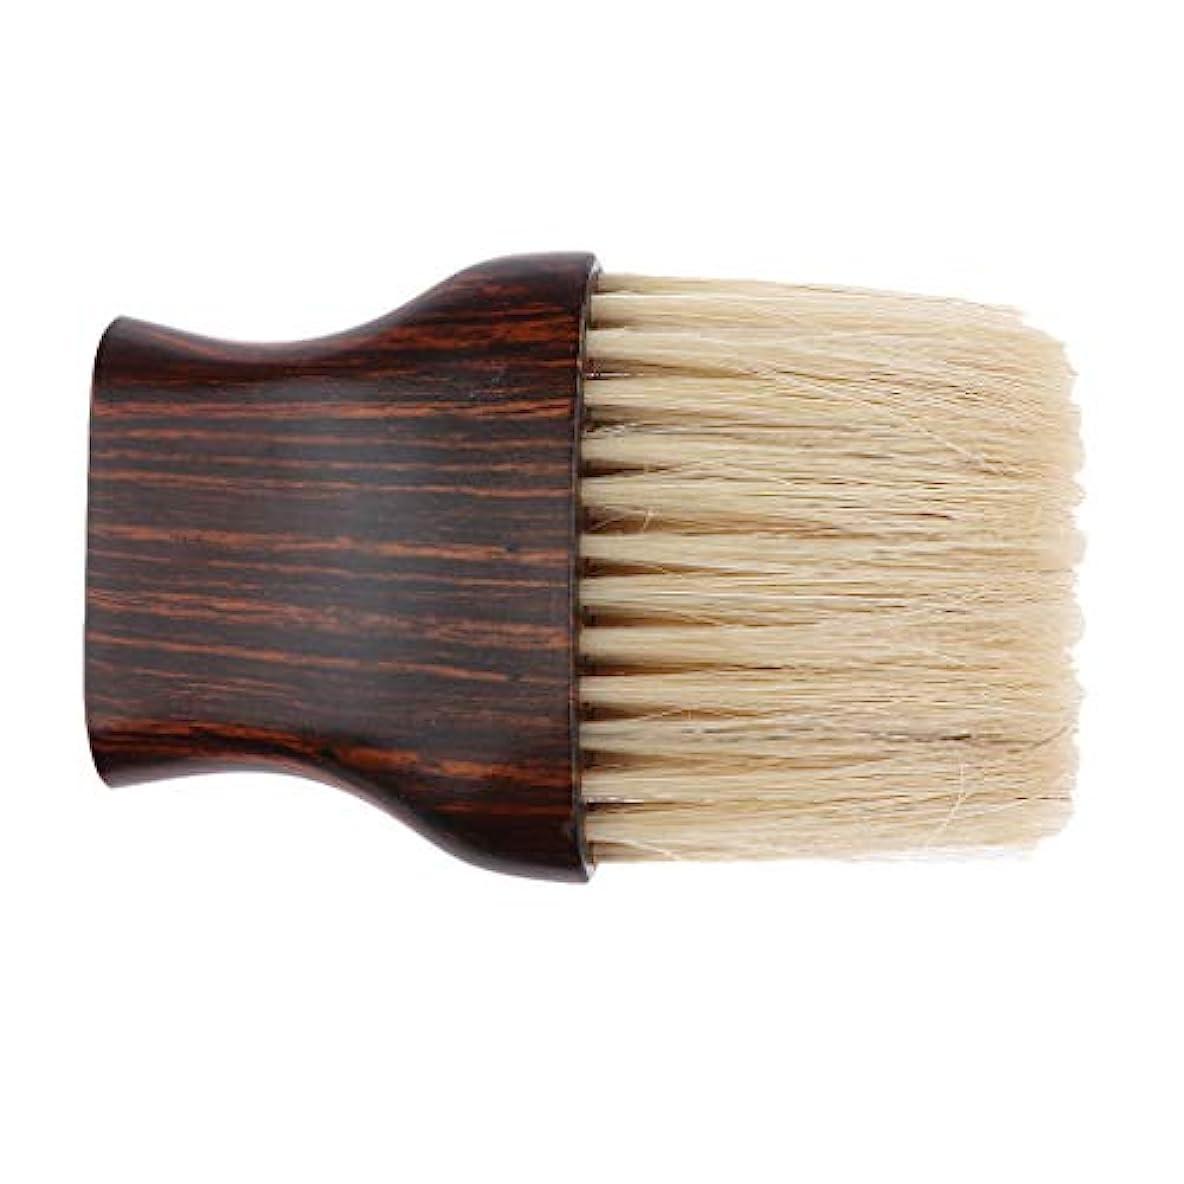 端末保護するドナウ川Perfeclan ヘアブラシ 毛払いブラシ 木製ハンドル 散髪 髪切り 散髪用ツール 理髪店 美容院 ソフトブラシ